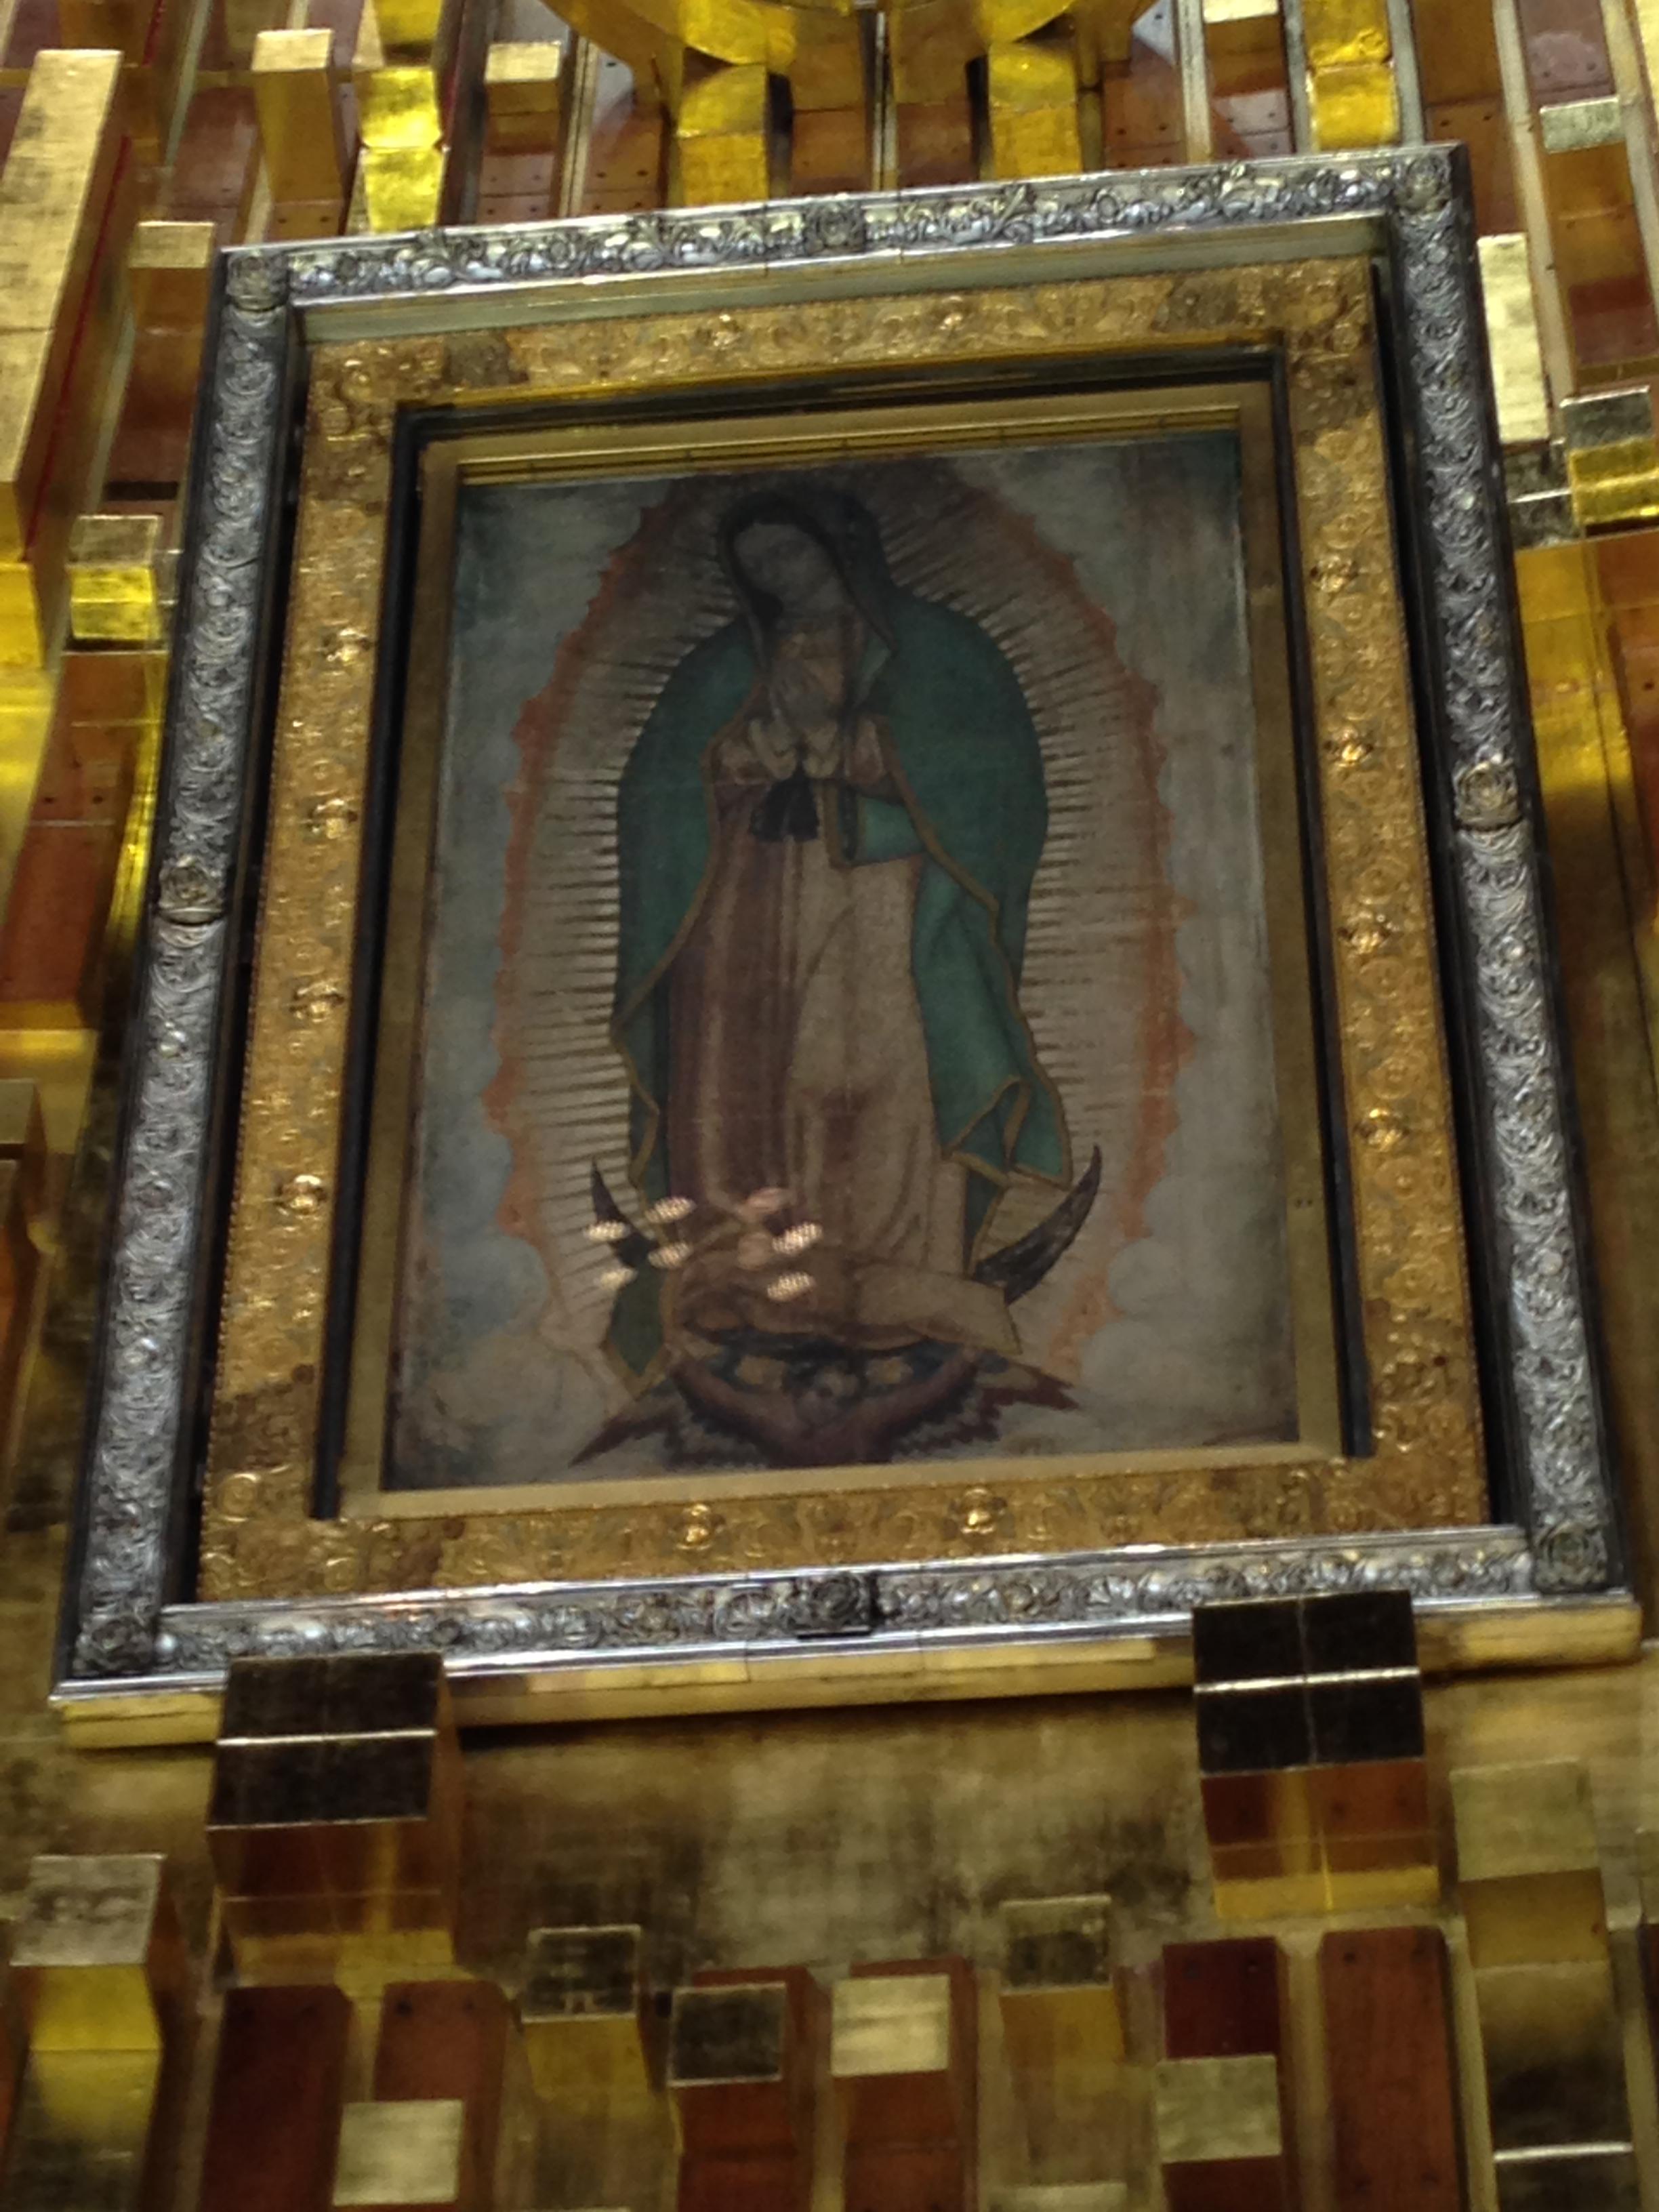 El aútentico manto en el que las rosas que el indigena Juan Diego transportaba se convirtieron en la imágen de la